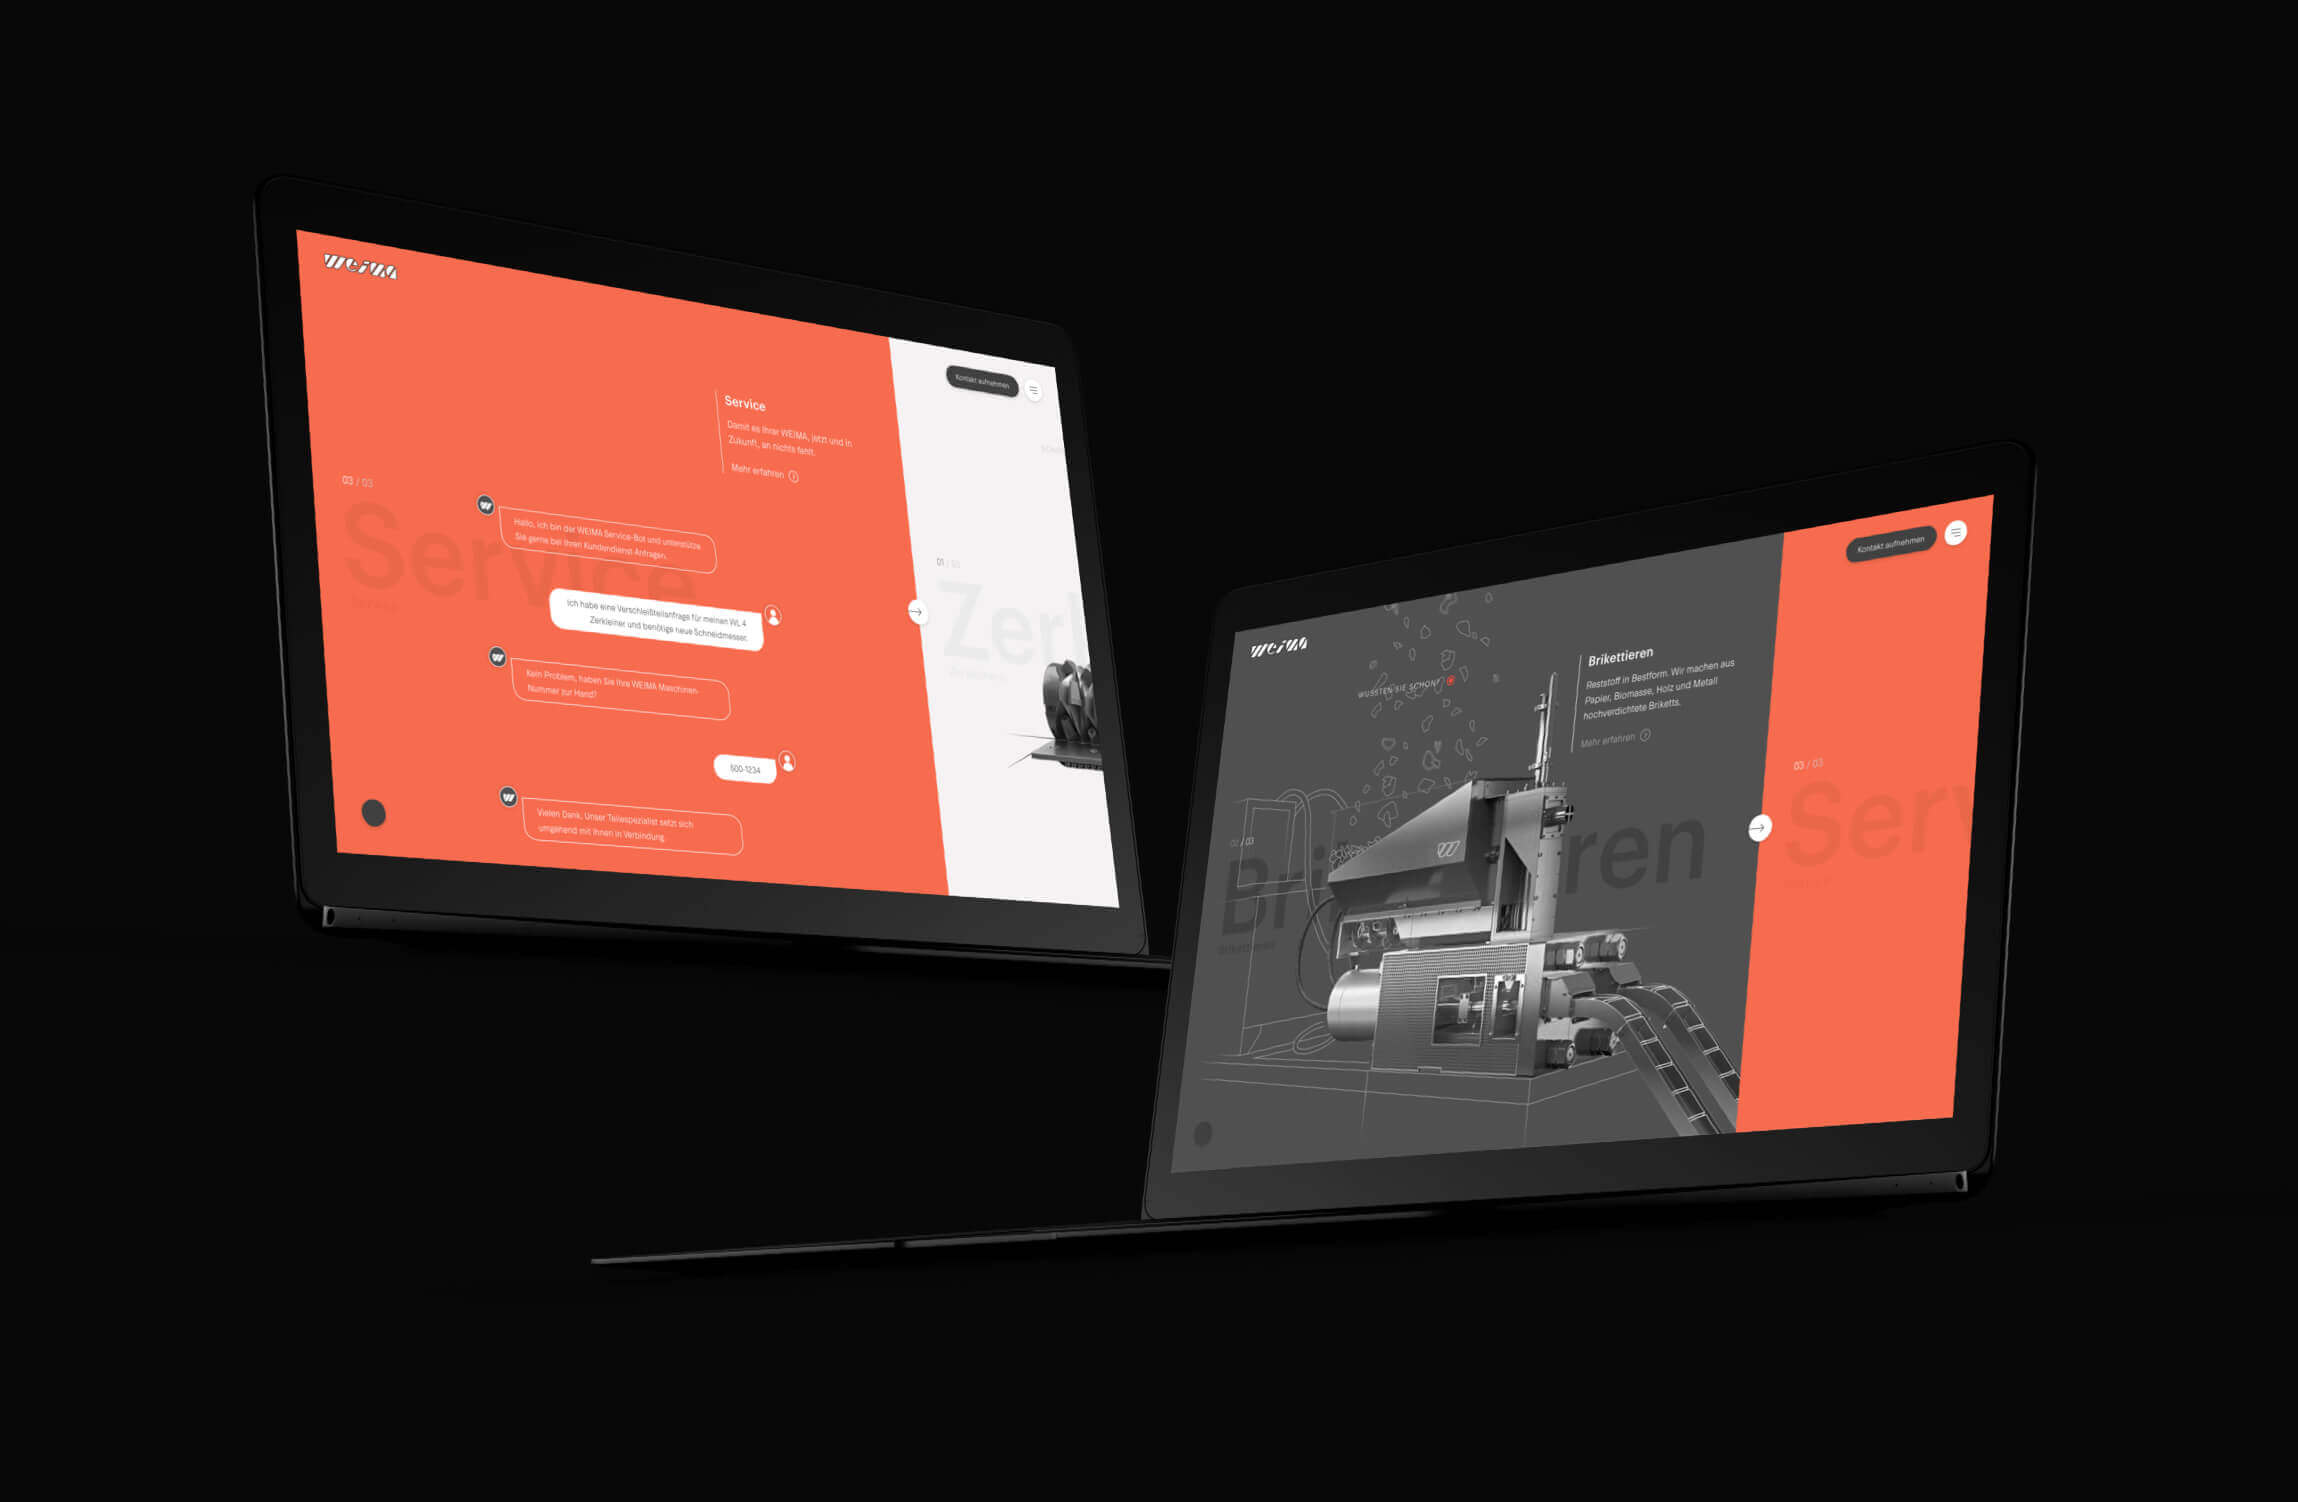 Weima homepage slider die de service en briquette secties laat zien.